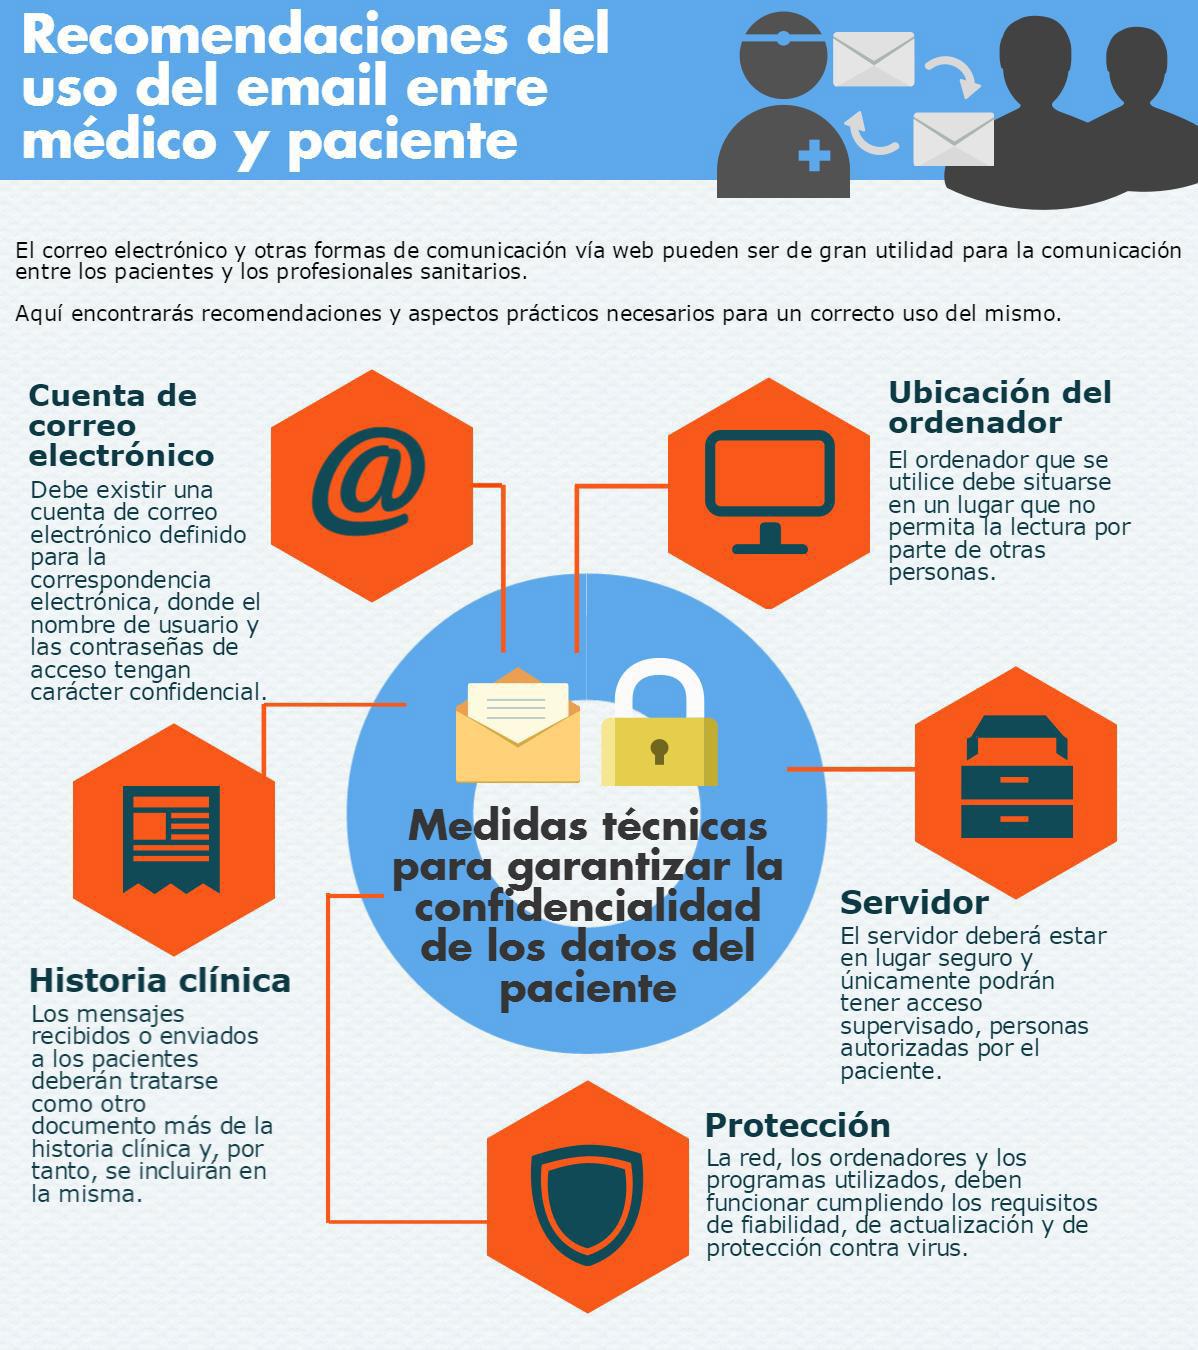 Recomendaciones del uso del email entre médico y paciente